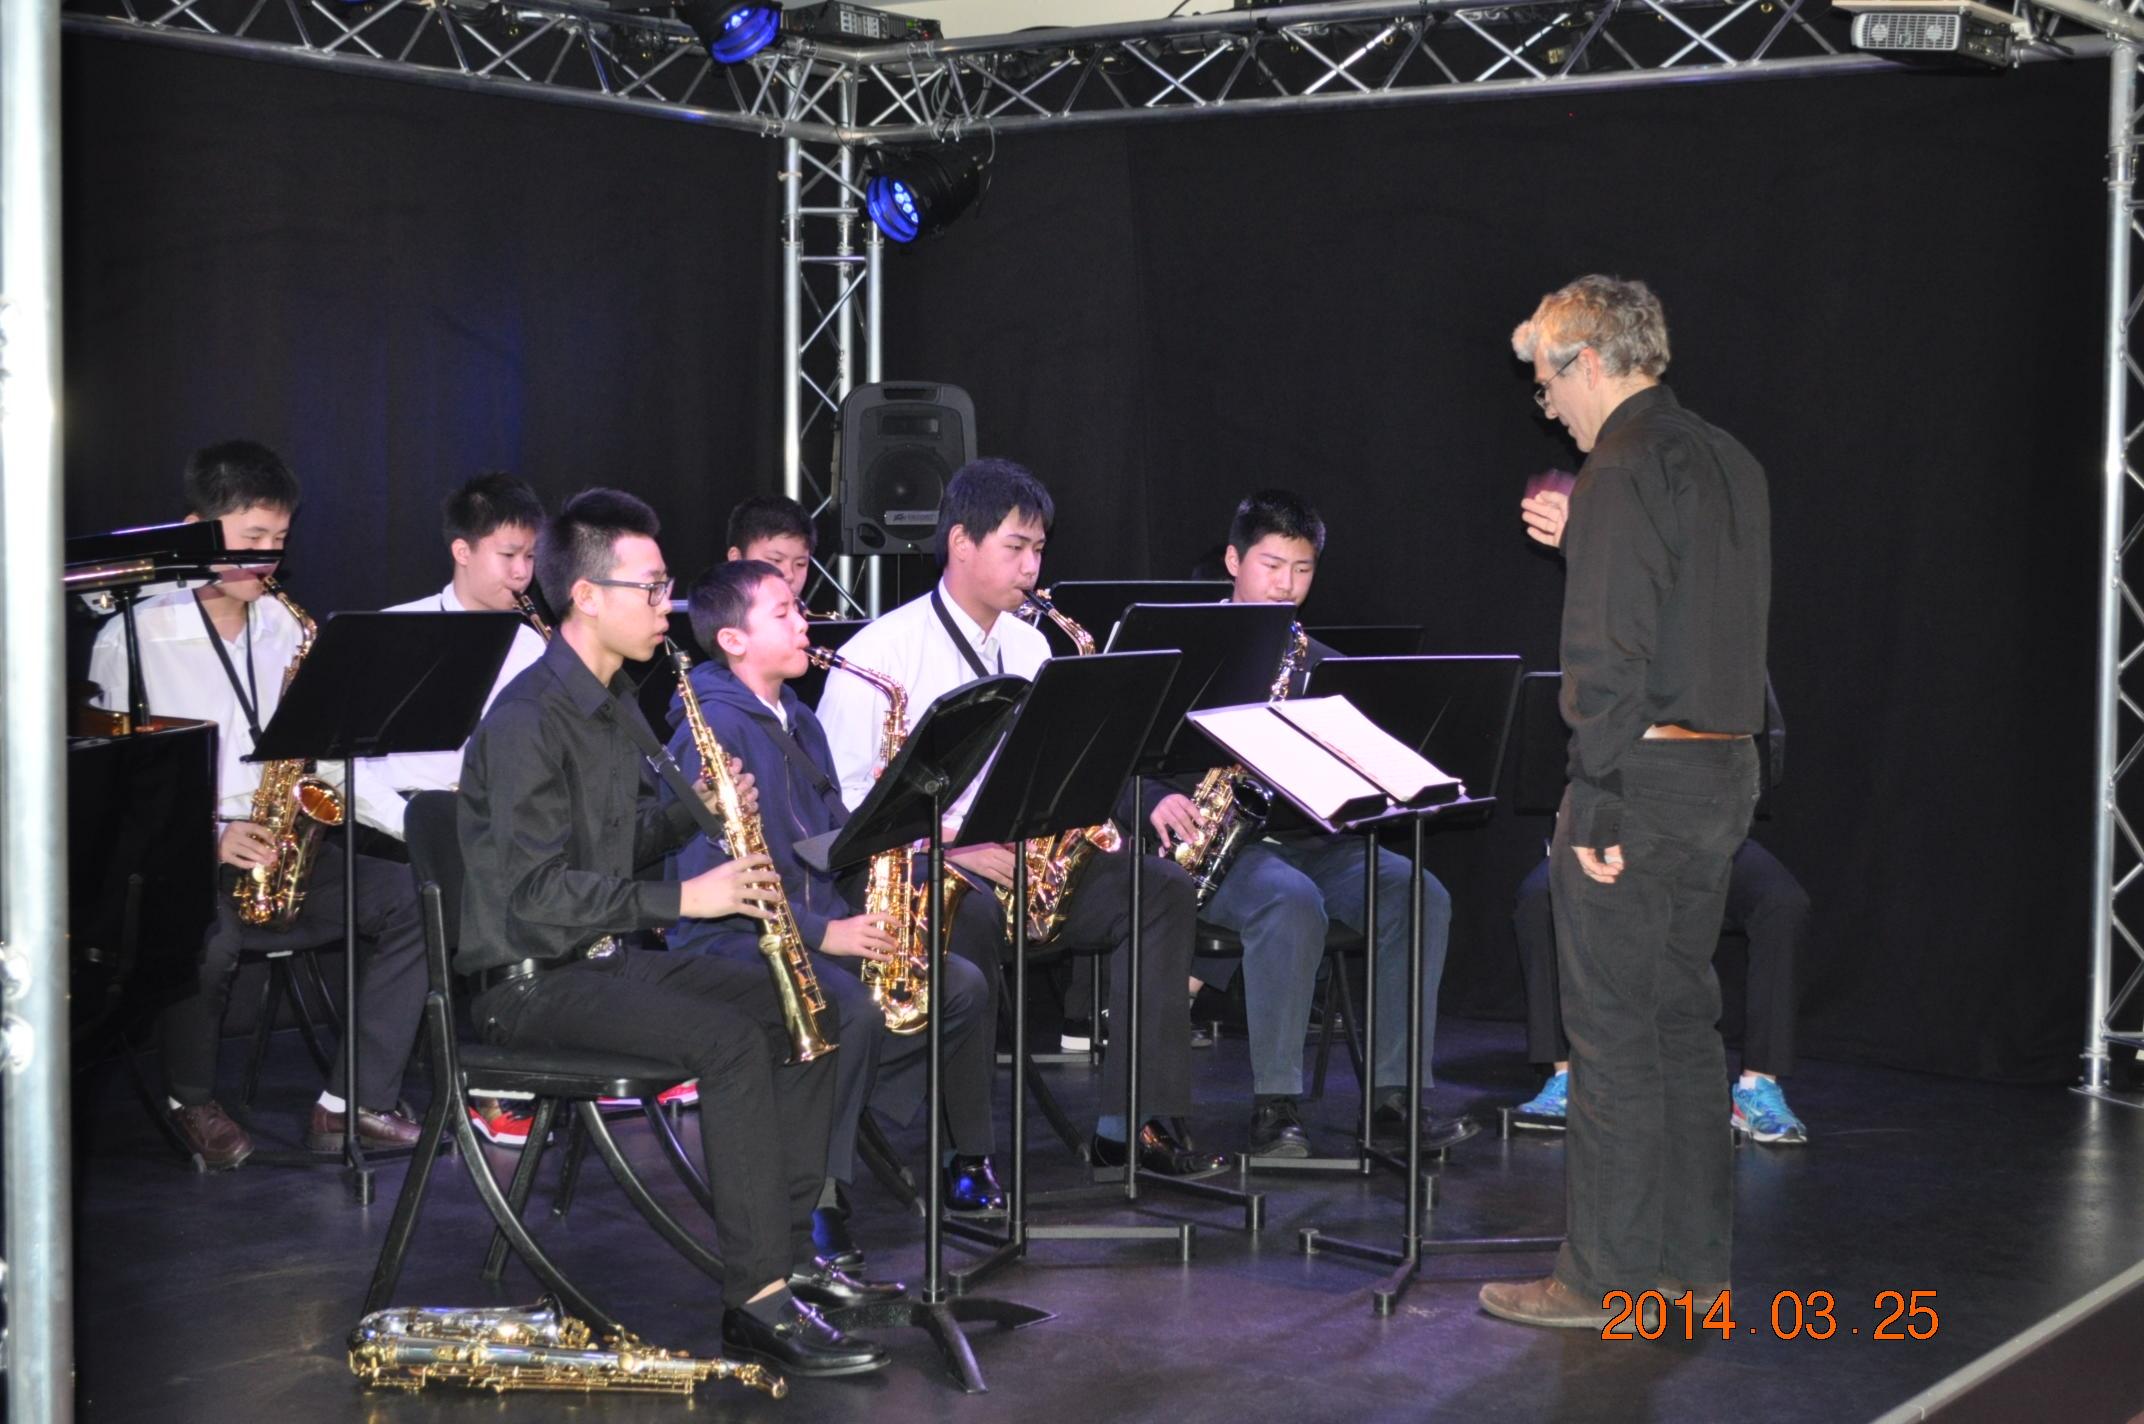 尚音学生赴法国参加音乐会表演